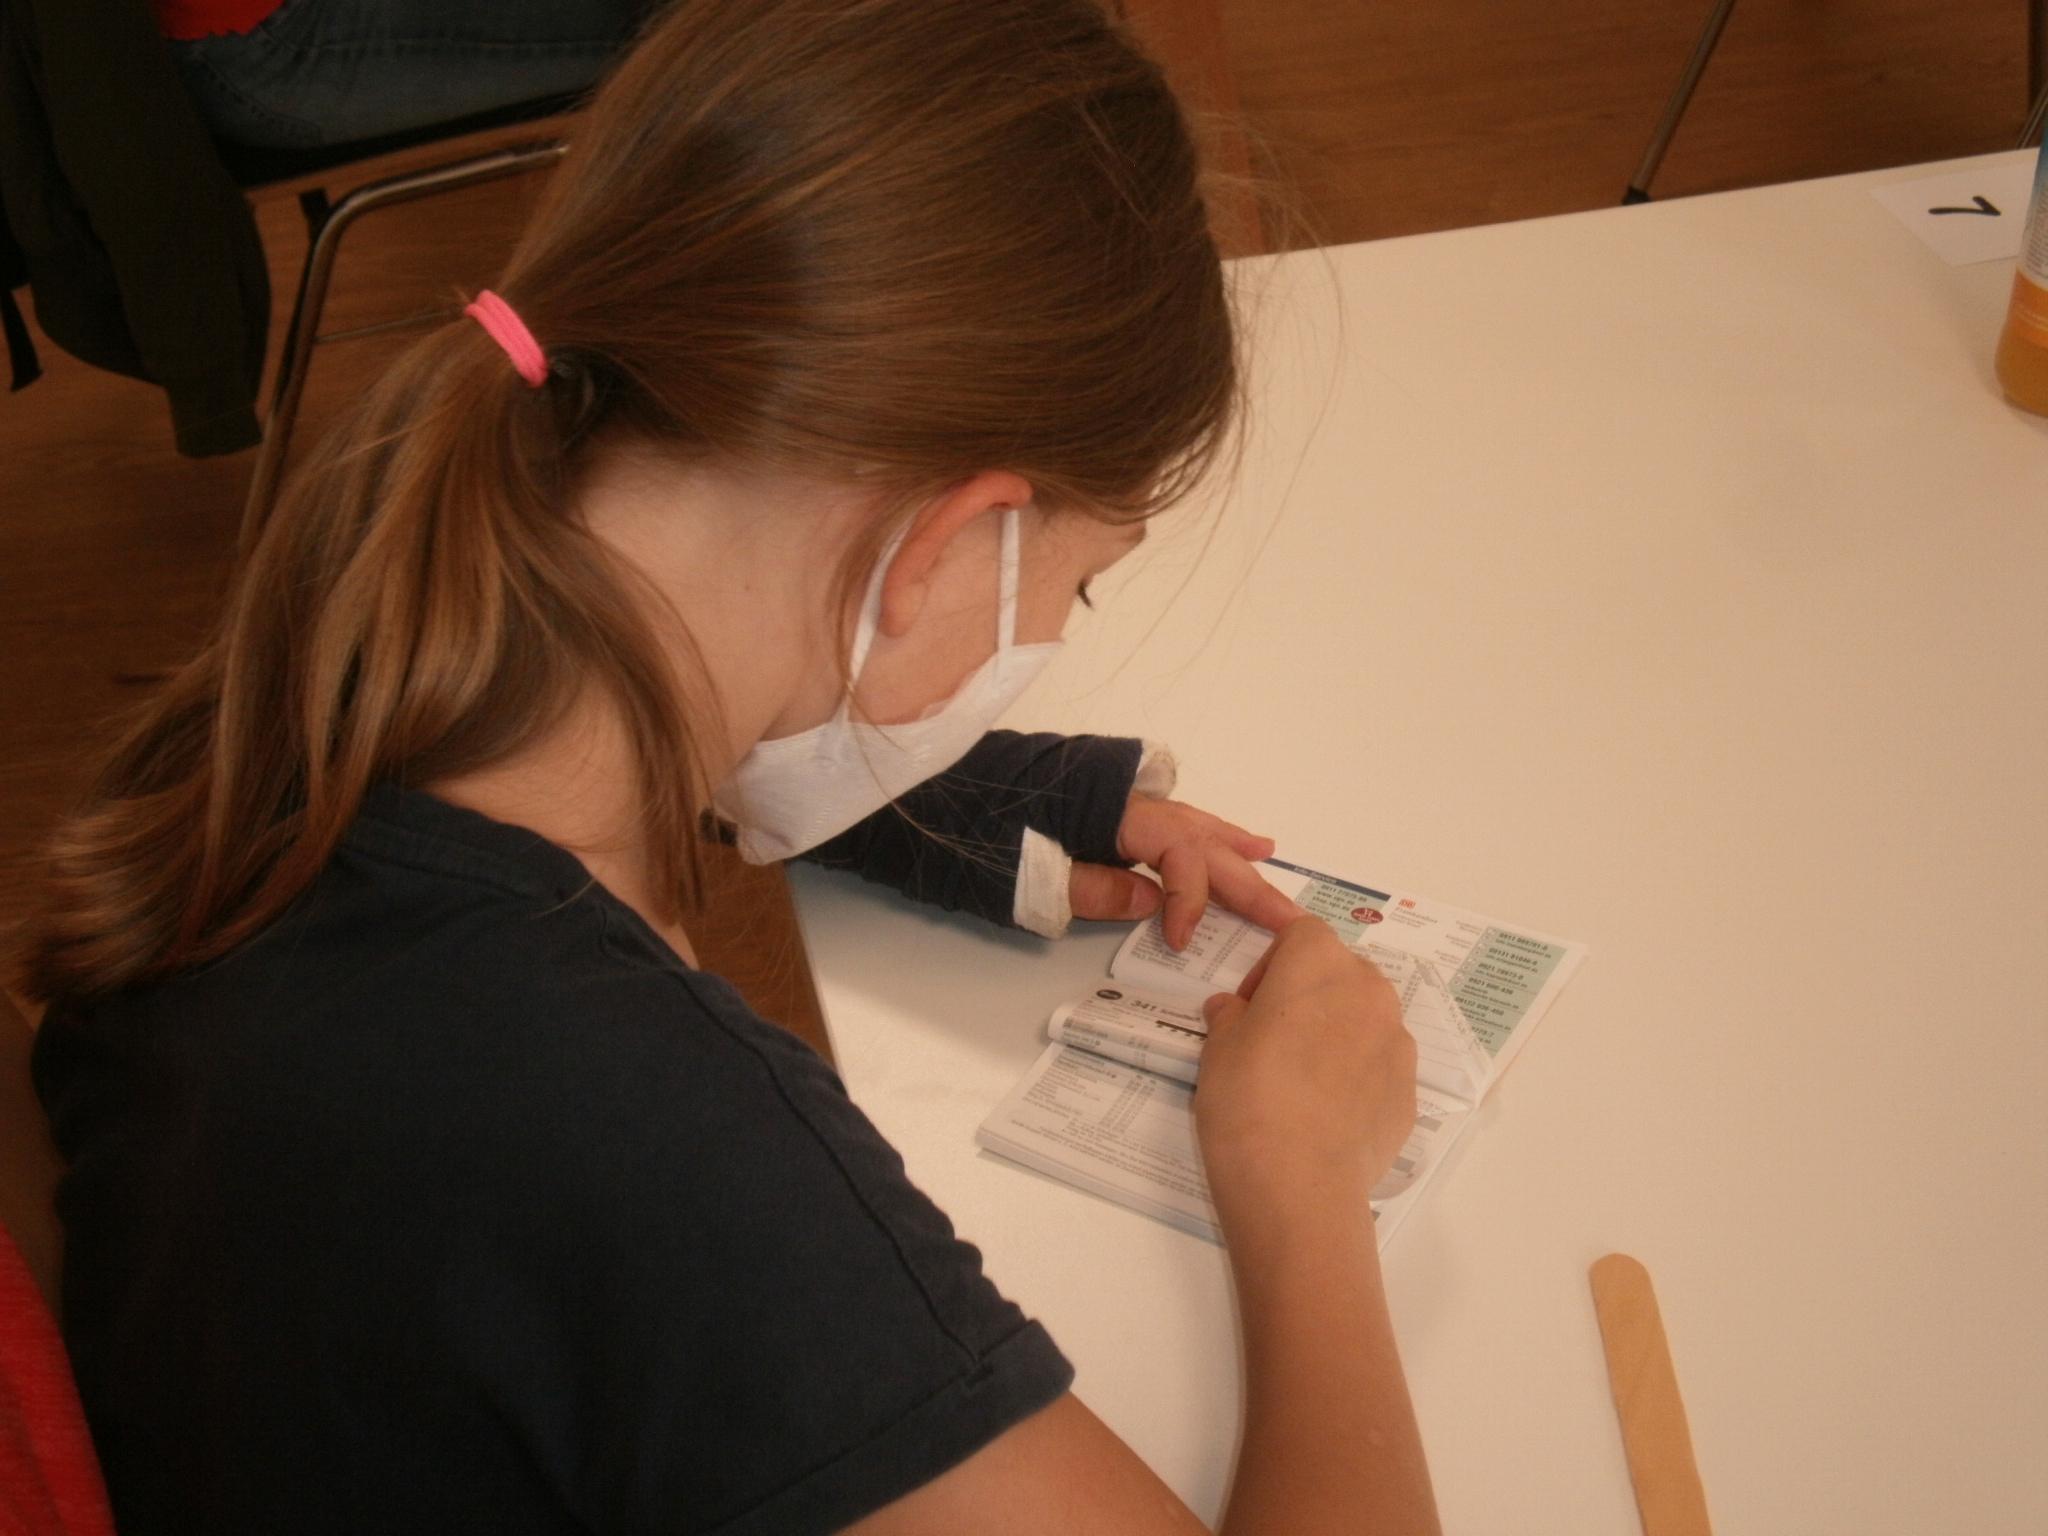 """Viktoria (10) aus Neunburg vorm Wald  ist beim """"Auftrag"""", einen ausrangierten Fahrplan in einen Igel zu verwandeln, hoch konzentriert  bei der Sache..."""